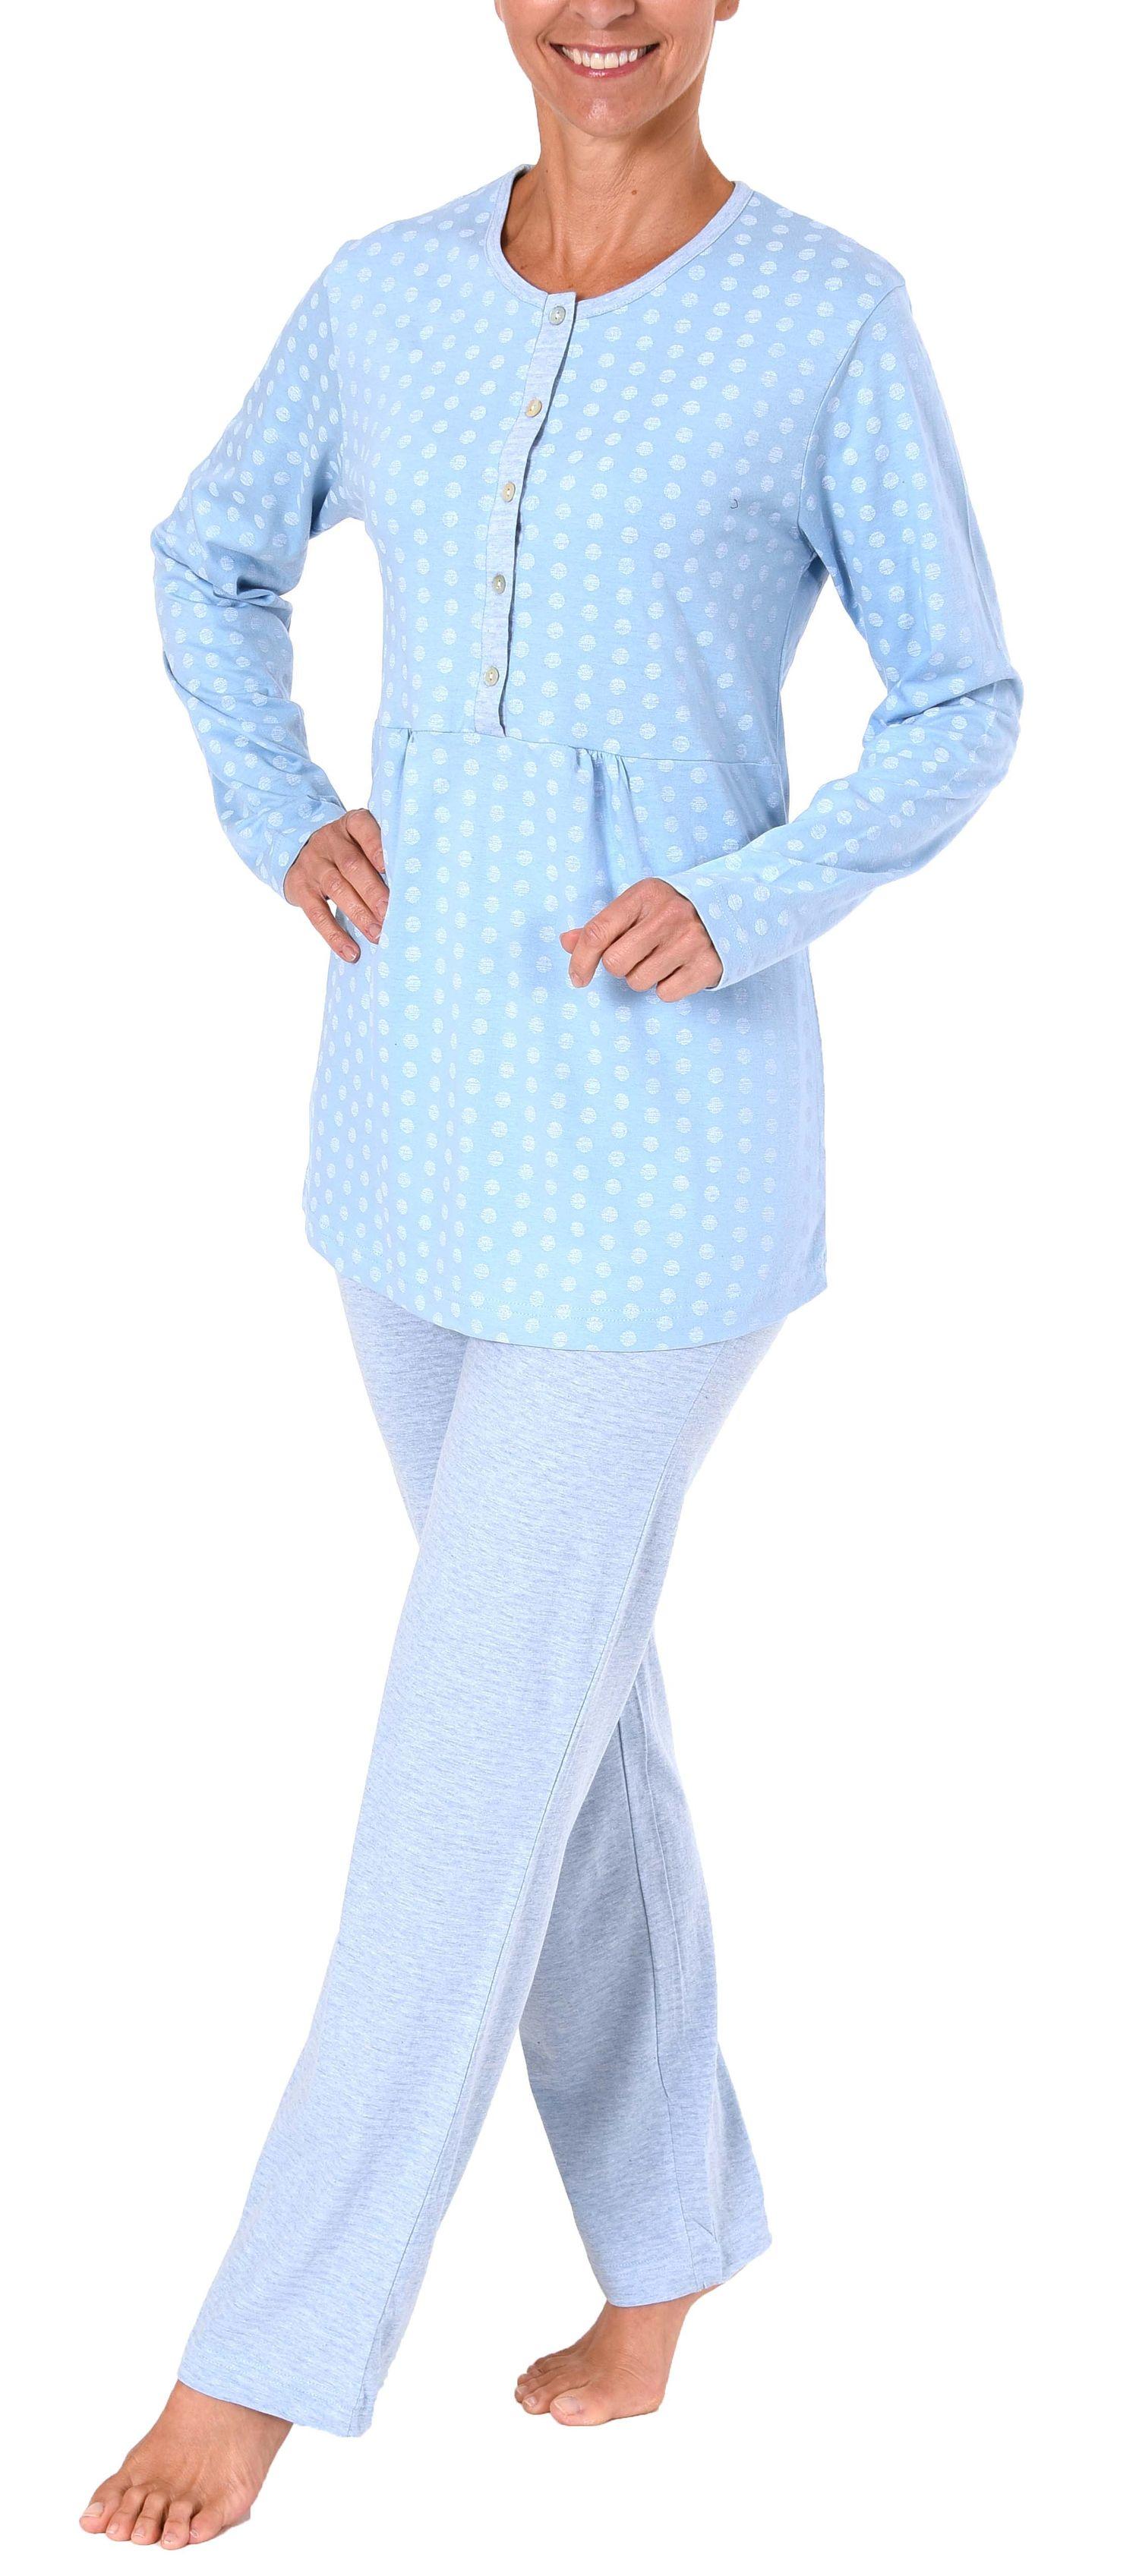 Damen Pyjama in Tupfenoptik - extra lange Knopfleiste - auch als Stillpyjama geeignet 281 201 90 130 – Bild 4